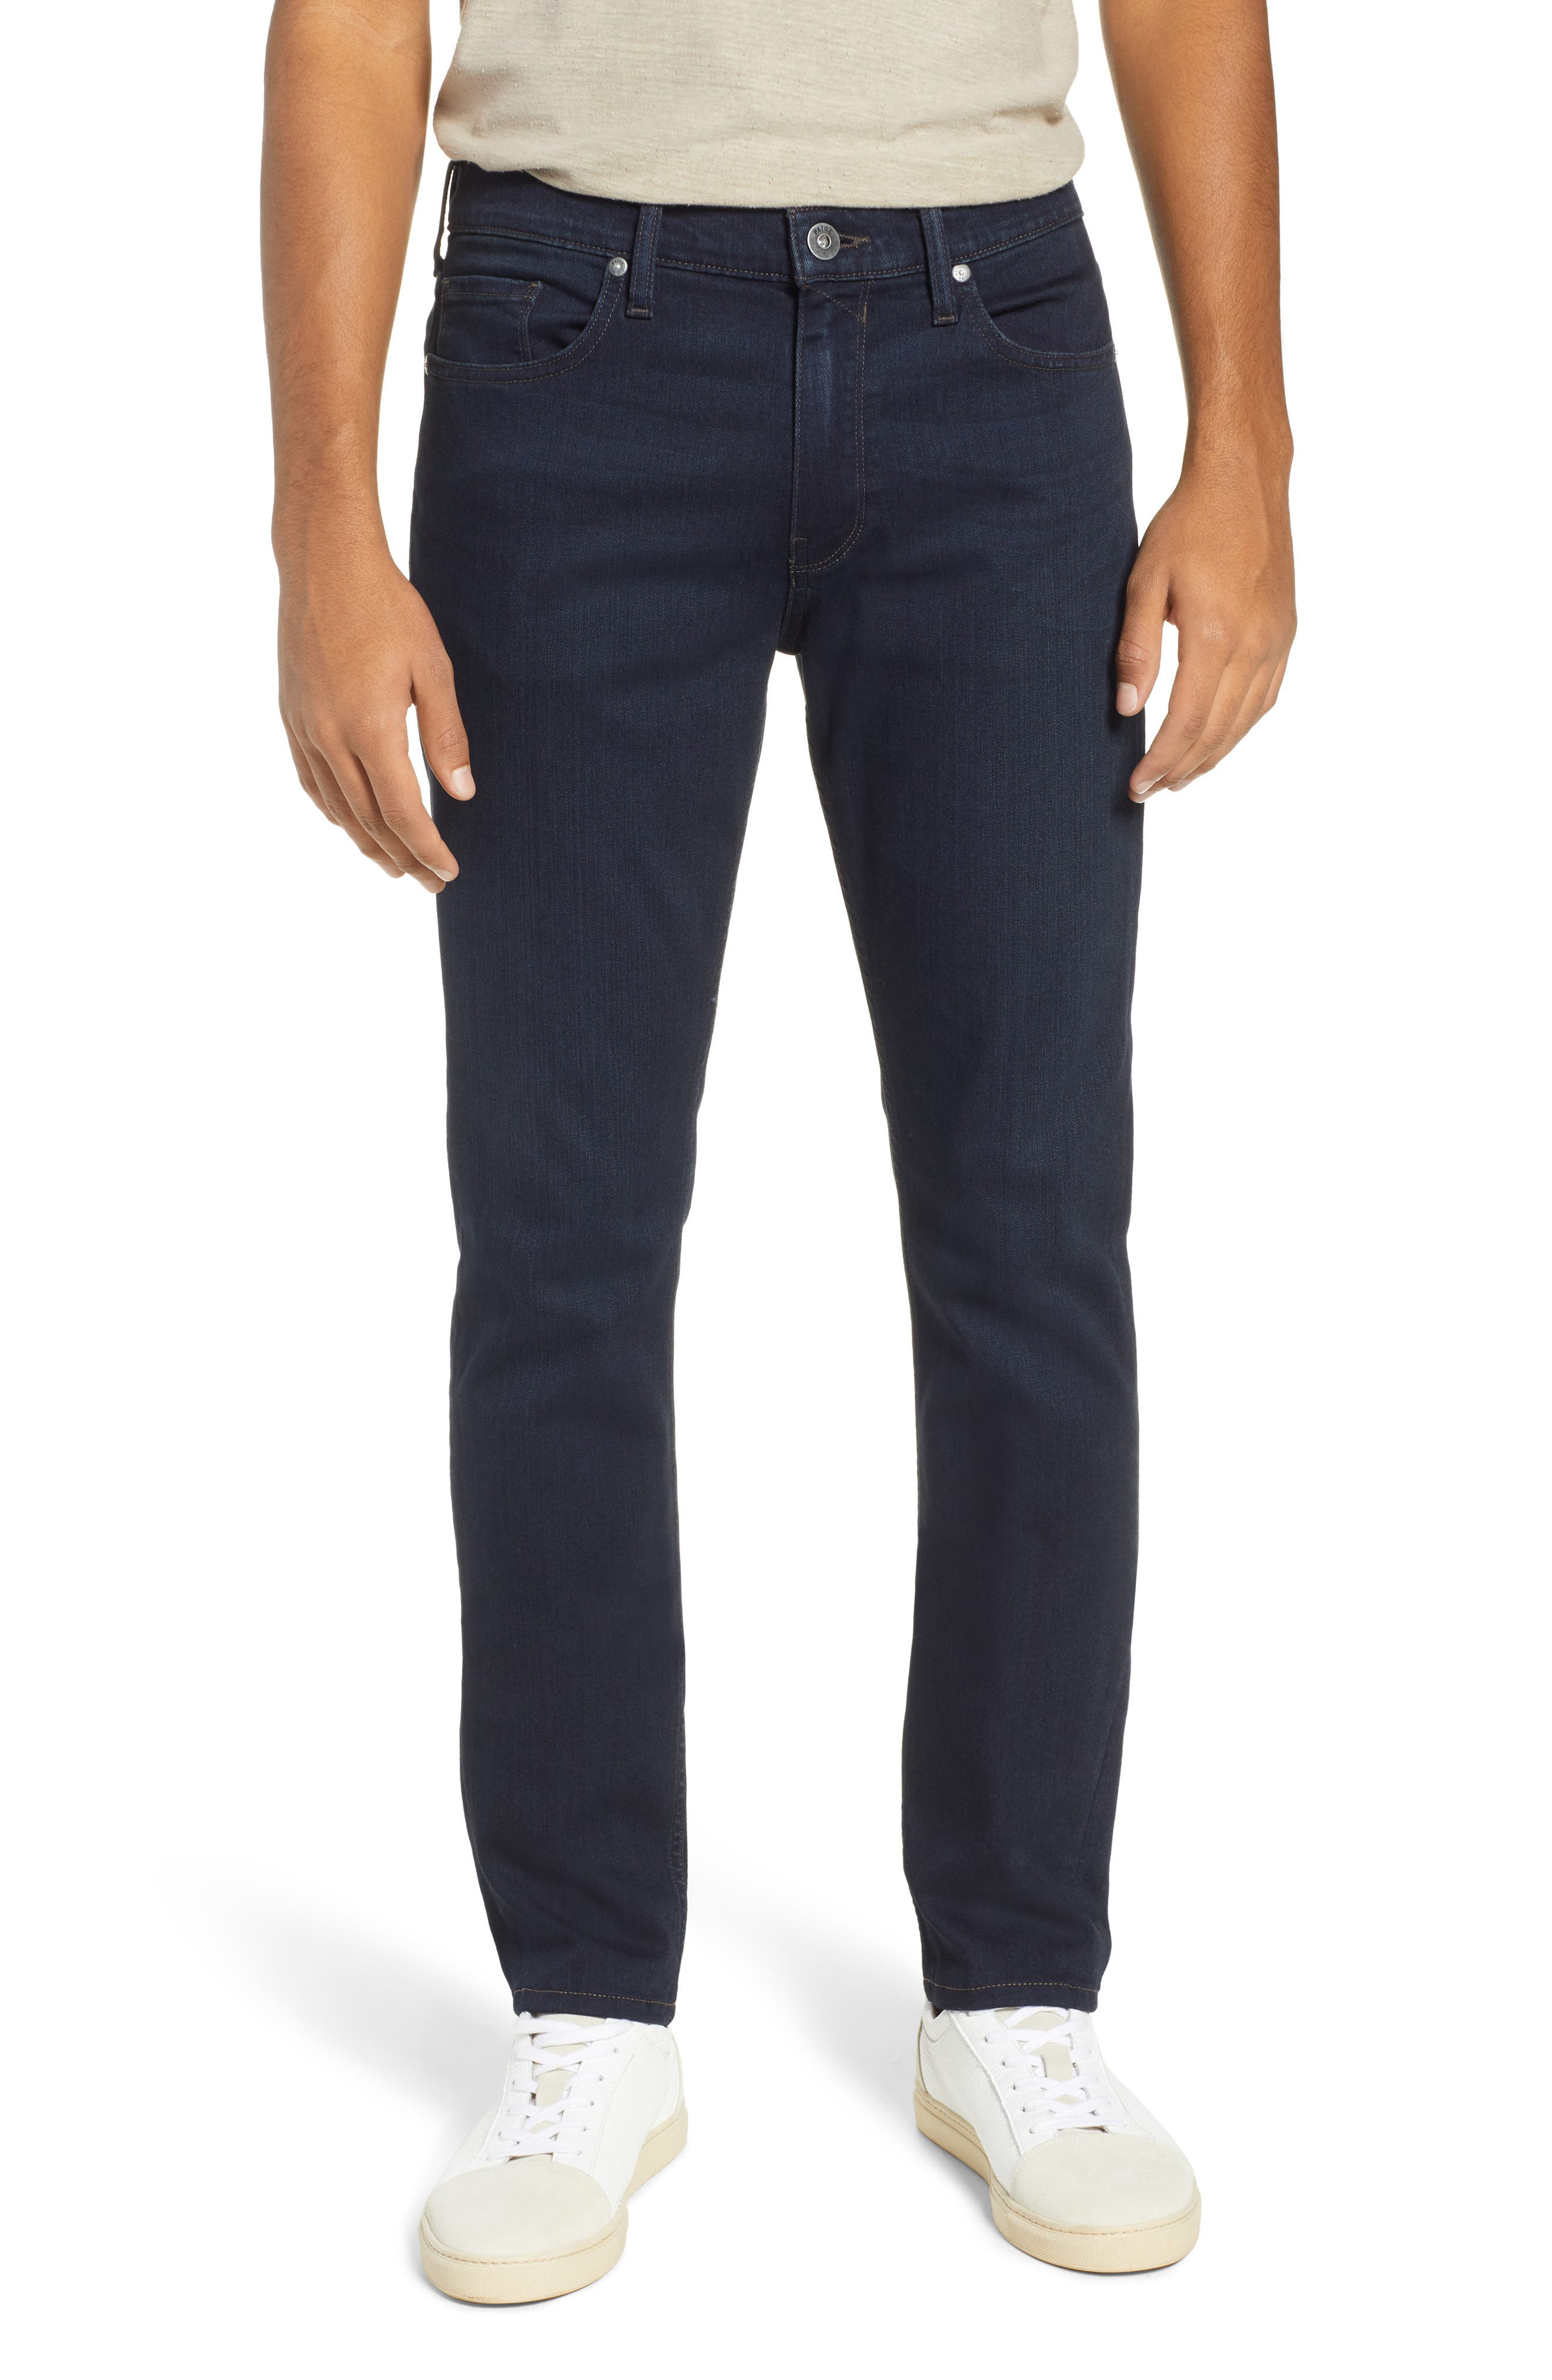 PAIGE Transcend – Lennox Slim Fit Jeans, Main, color, DOMINIC